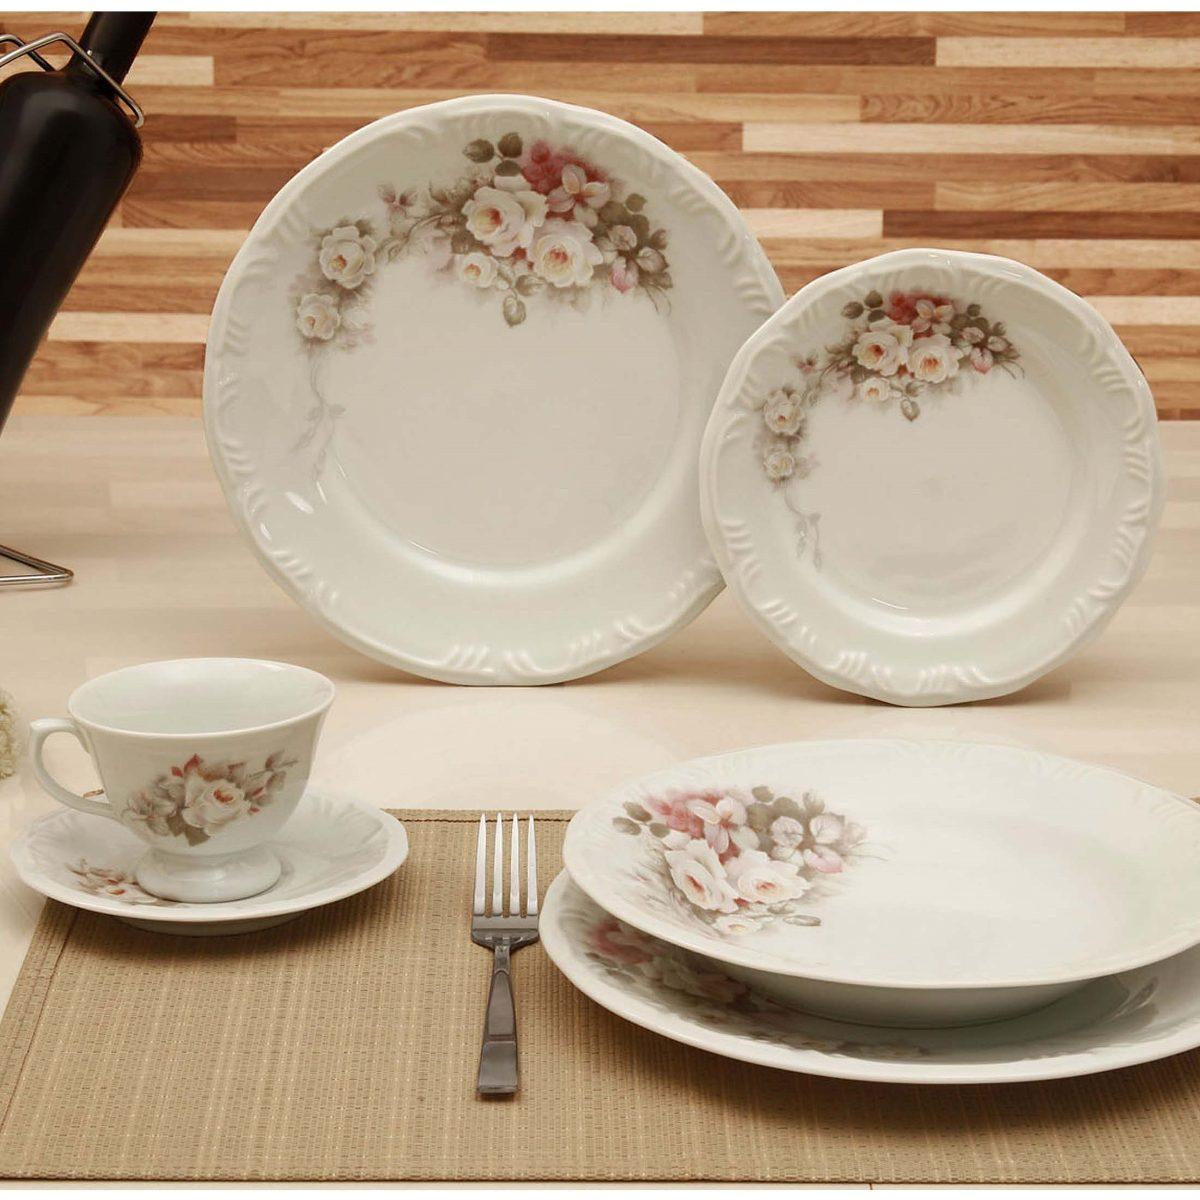 Aparelho De Jantar Eterna Schmidt Porcelana 30 Peças R$ 599 90 no  #74492C 1200x1200